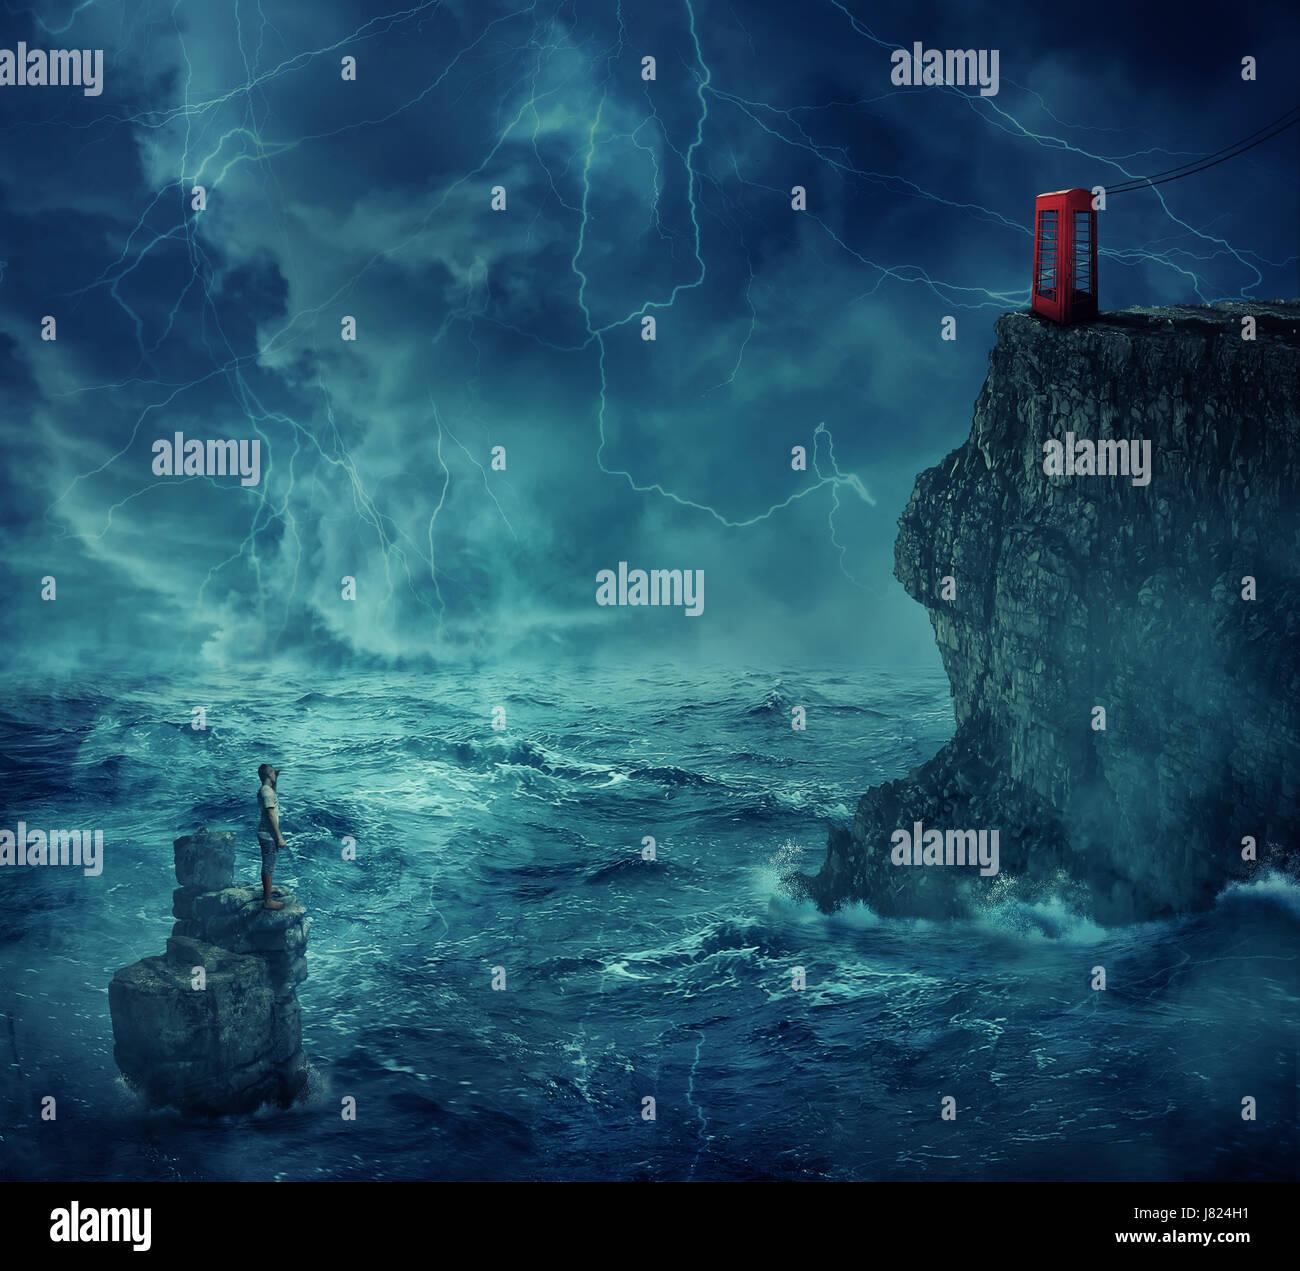 Perdido el hombre abandonado en el océano de pie sobre un rock island, en una noche de tormenta con relámpagos Imagen De Stock